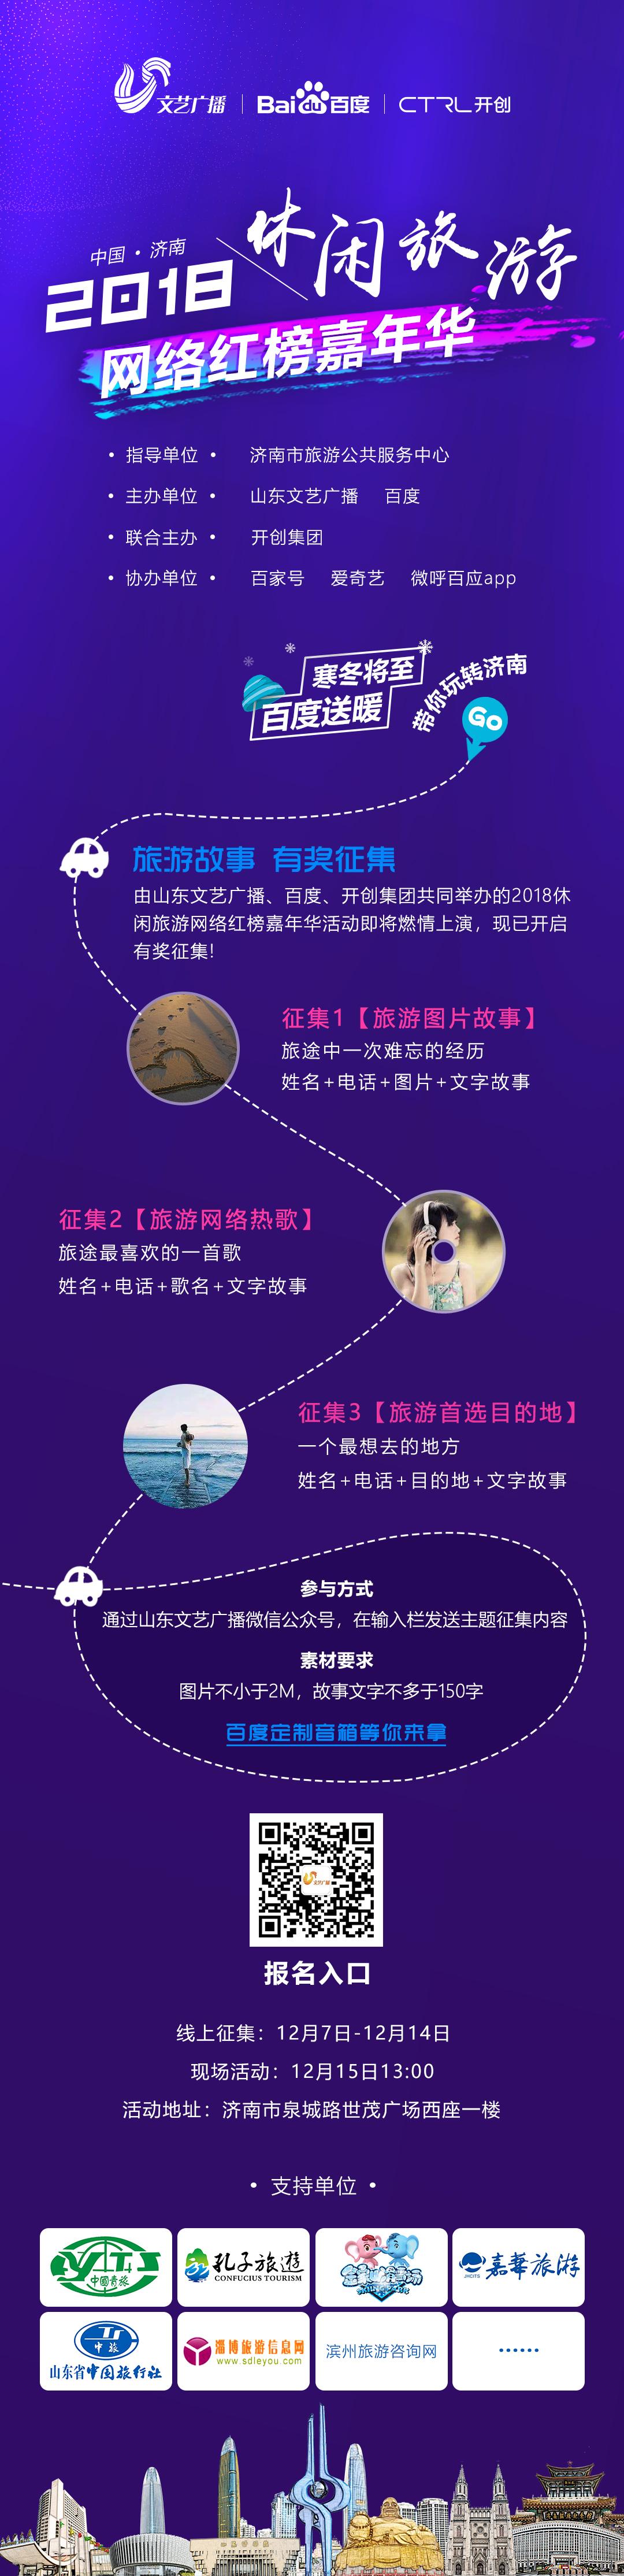 2018休闲旅游网络红榜嘉年华主题征集落地页